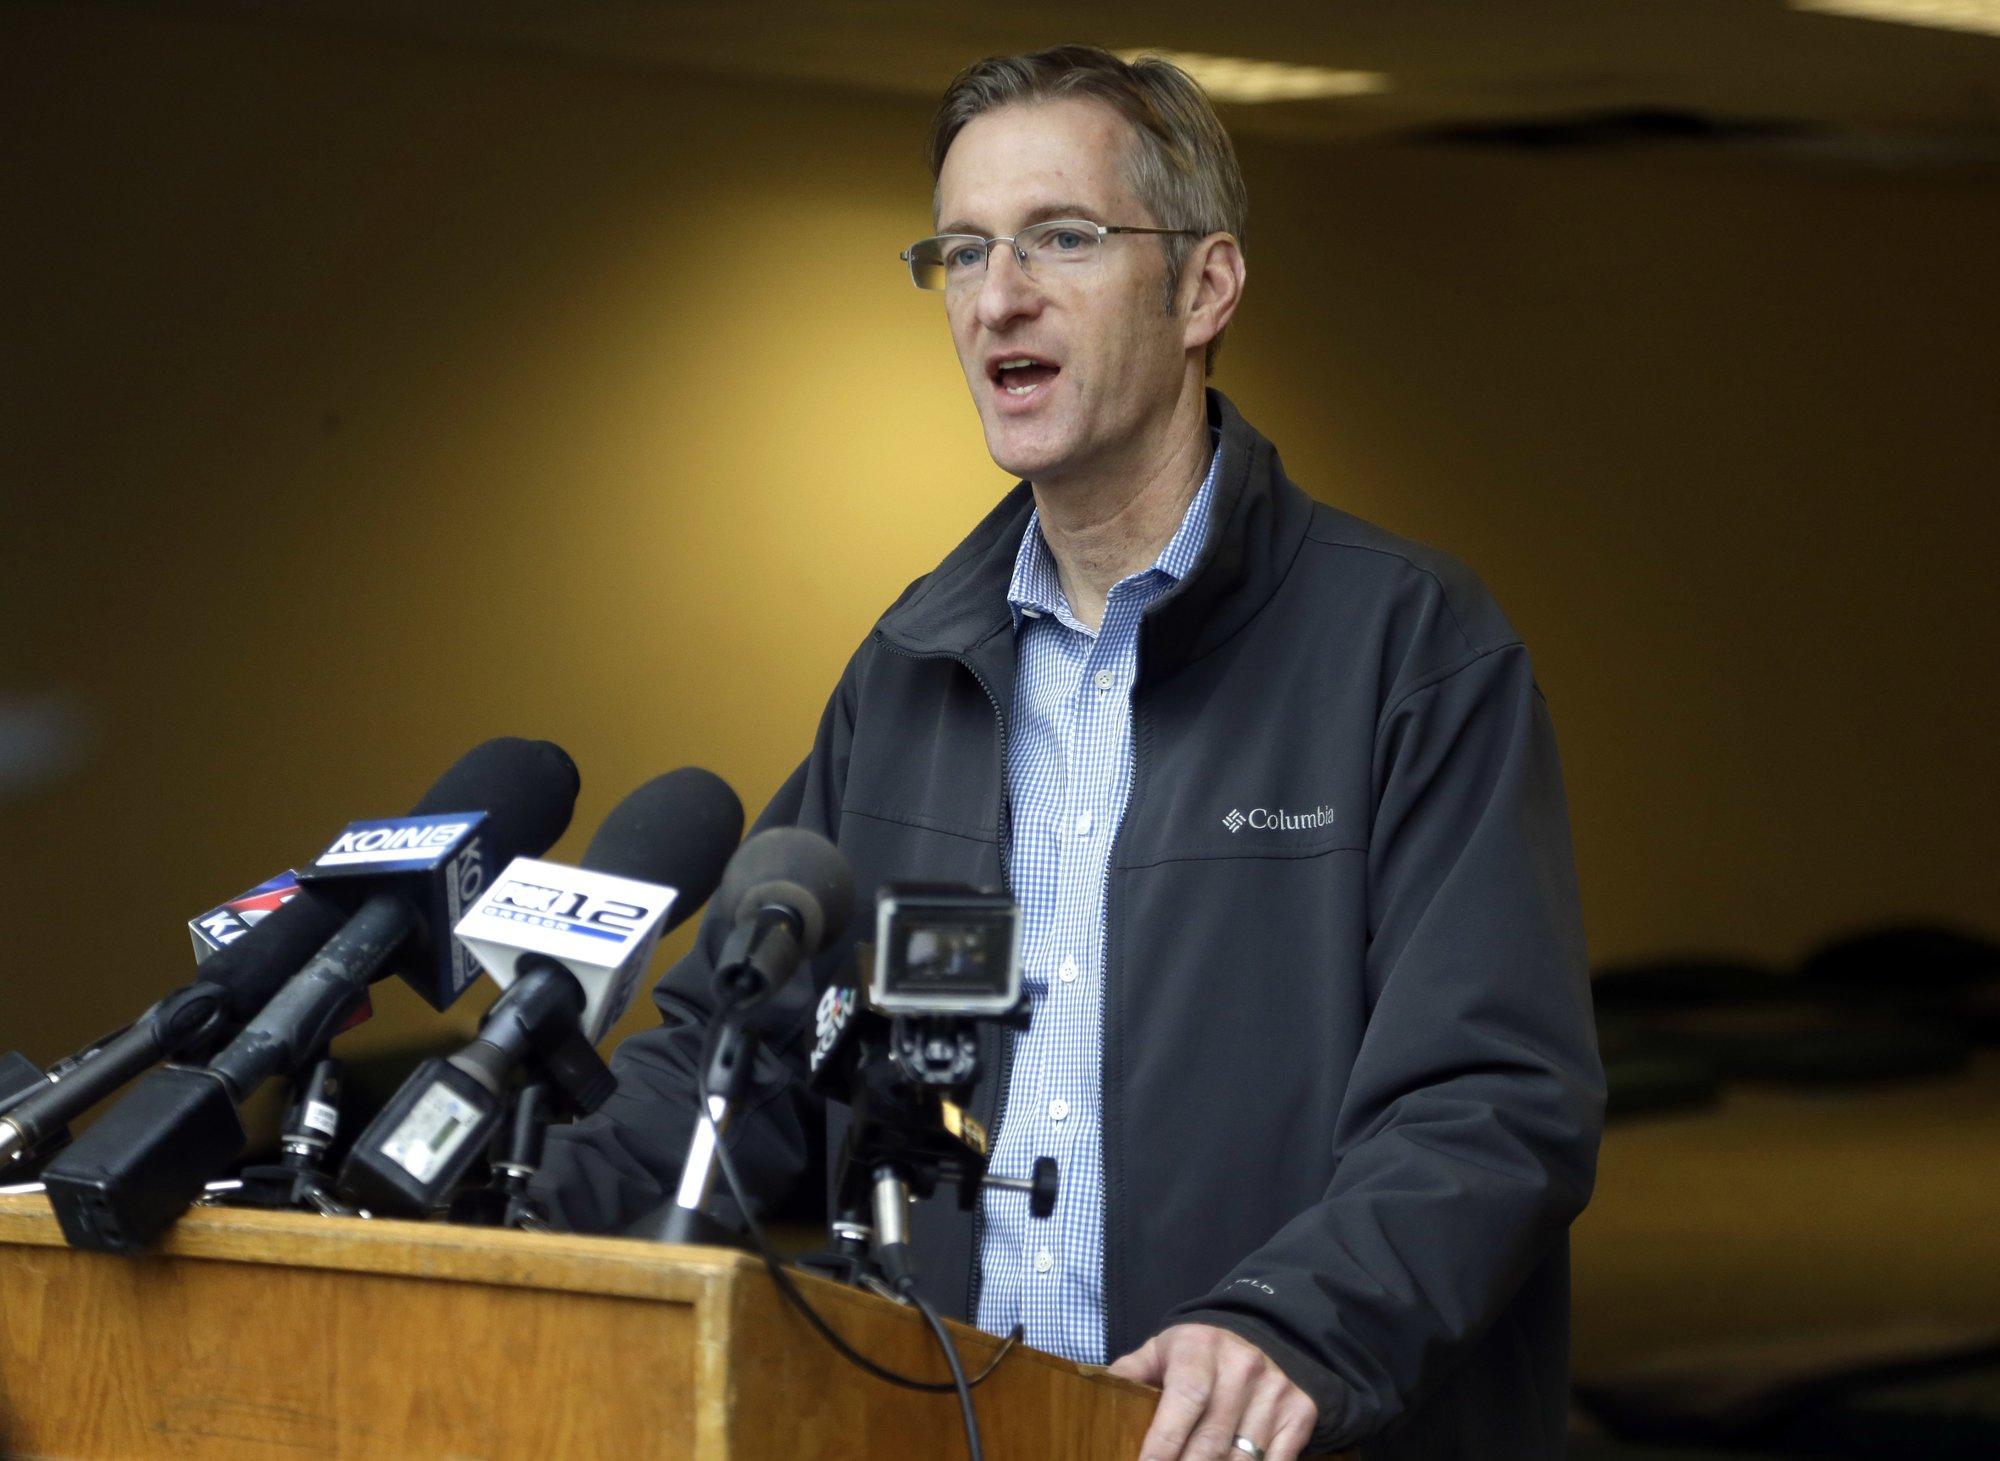 Assault arrest made after Portland. Oregon, mayor complains